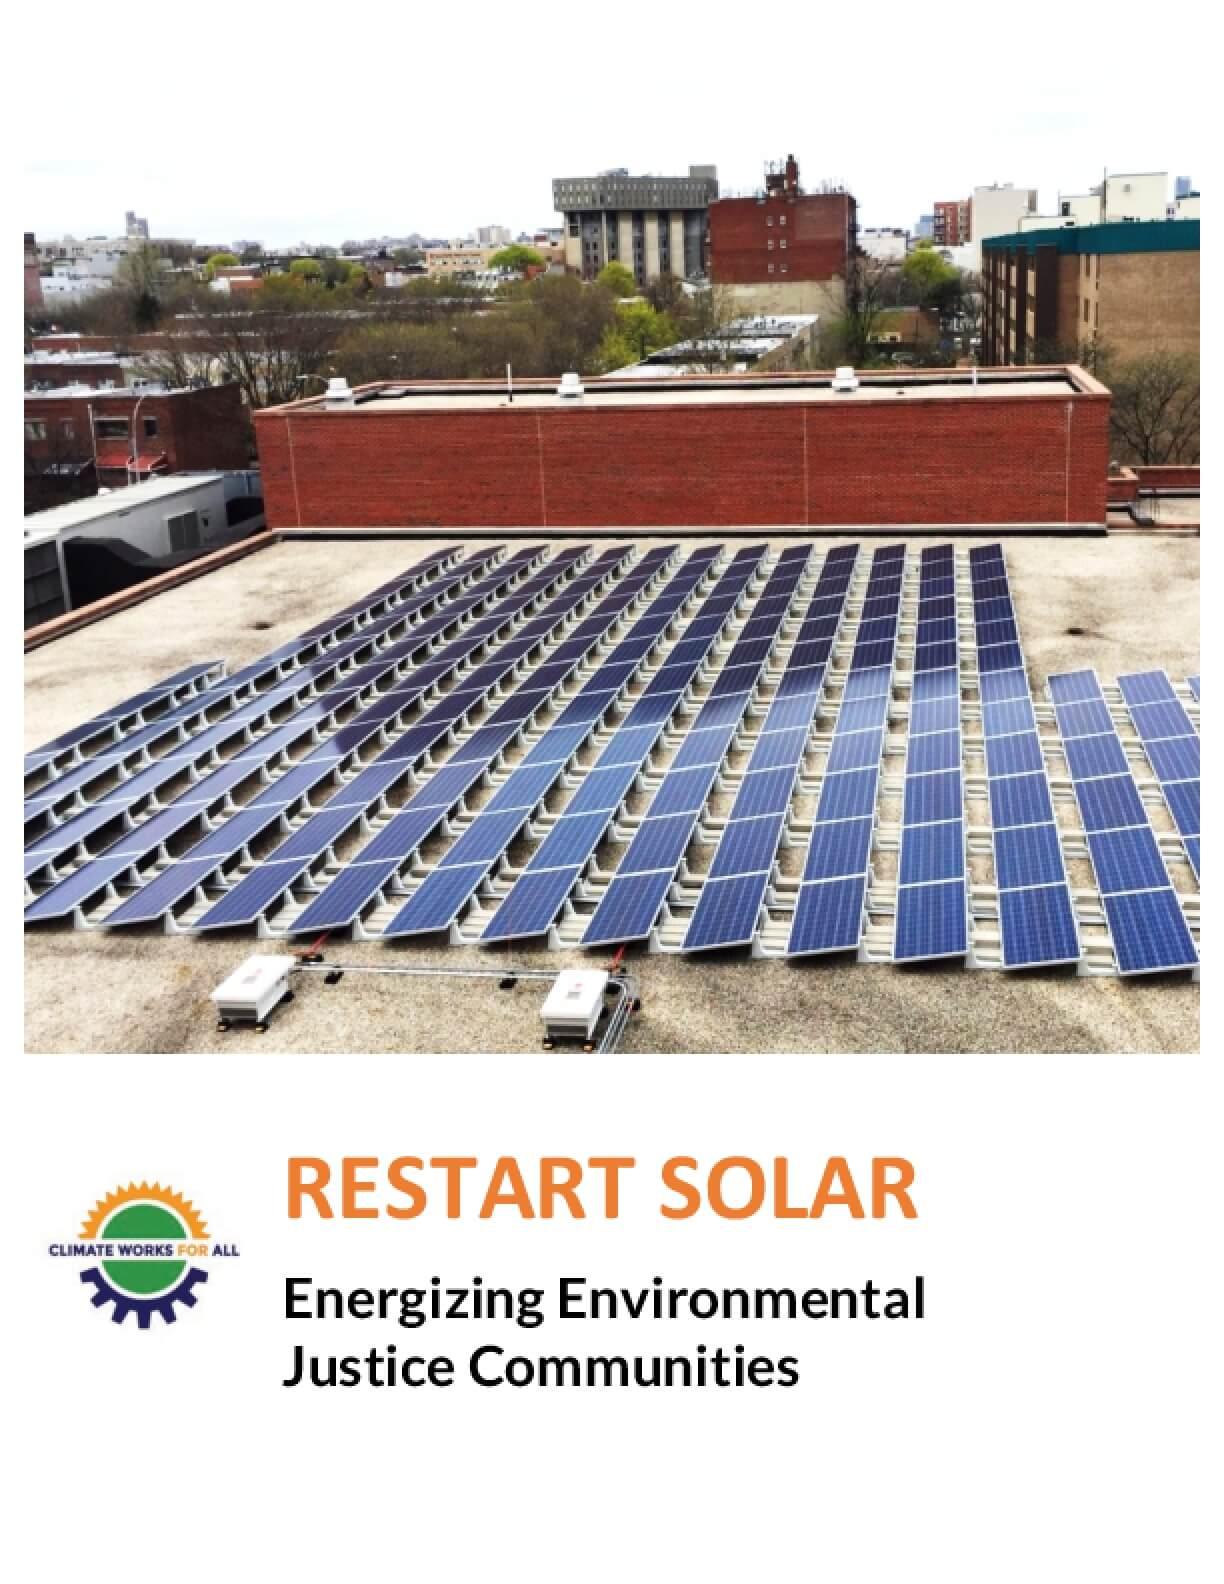 Restart Solar: Energizing Environmental Justice Communities